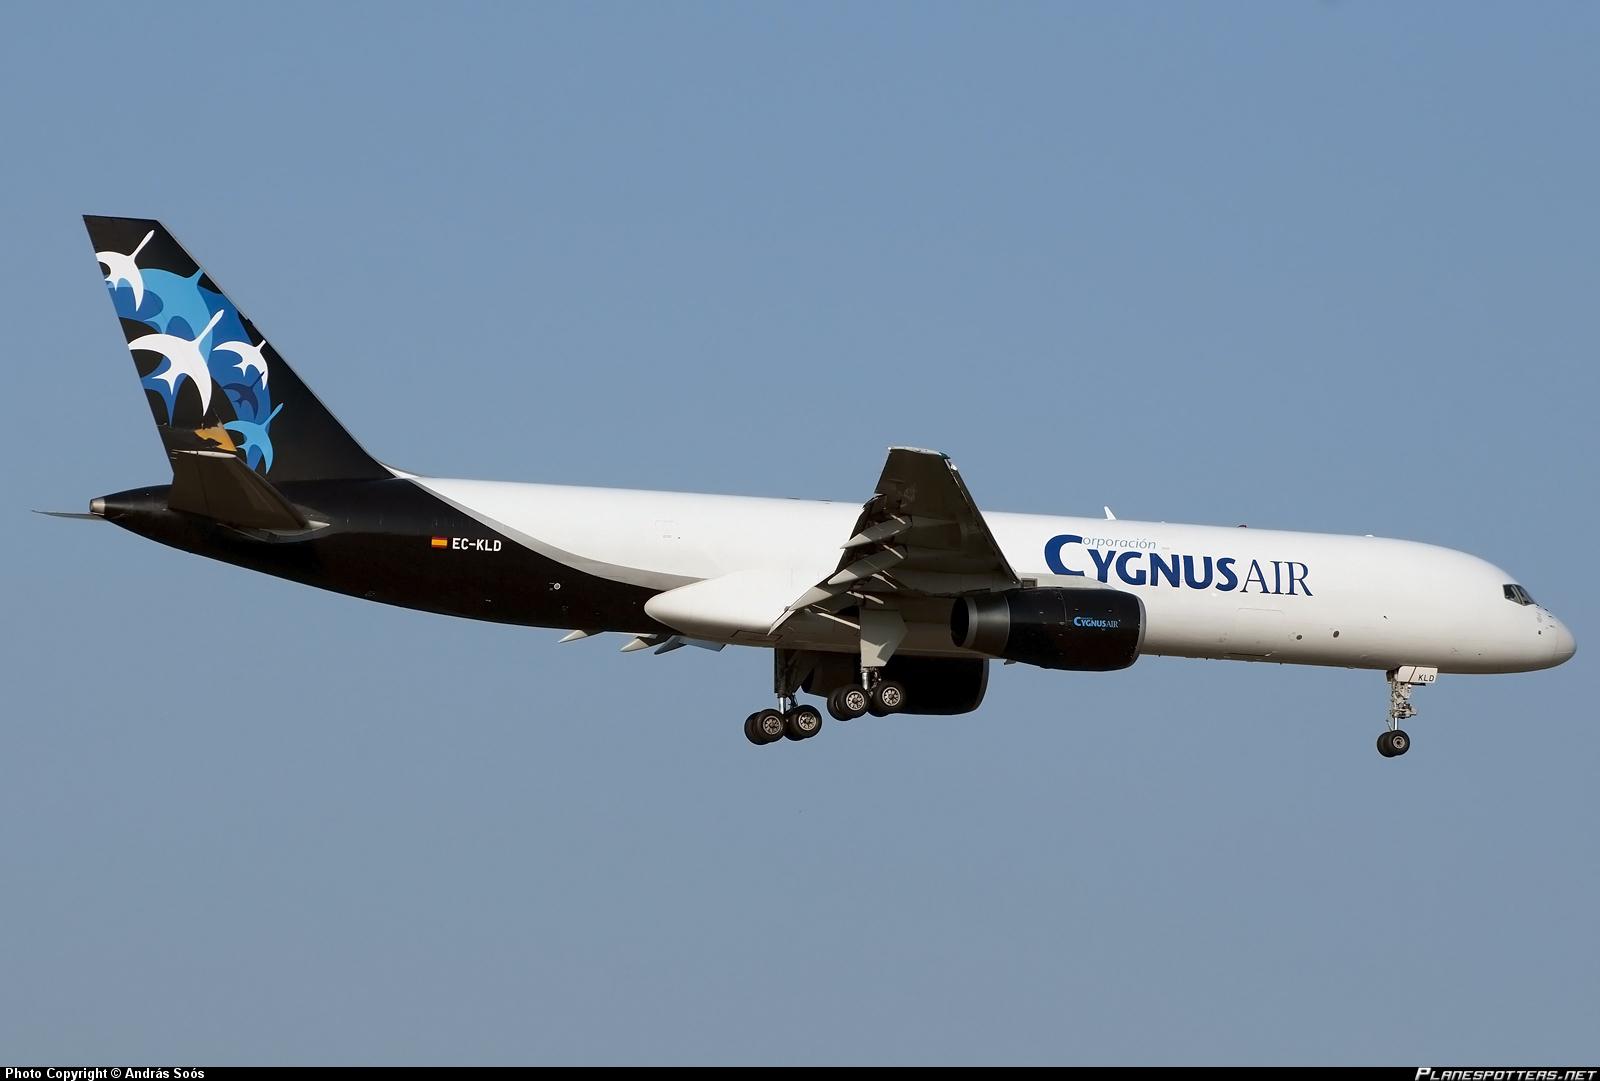 Cygnus-Air